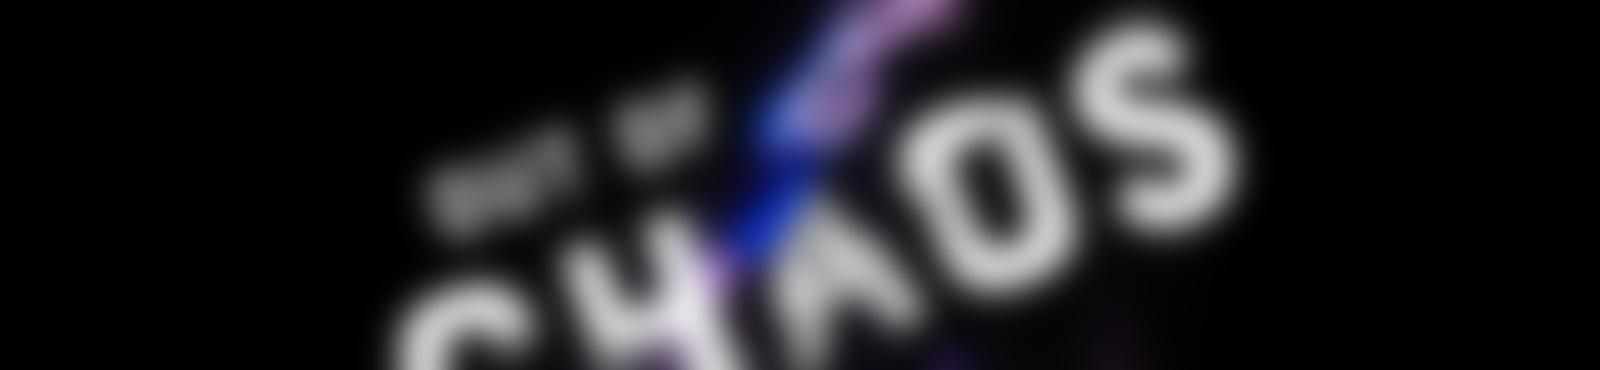 Blurred ace4d36c 7994 4ed0 9f2e e46ac1666967